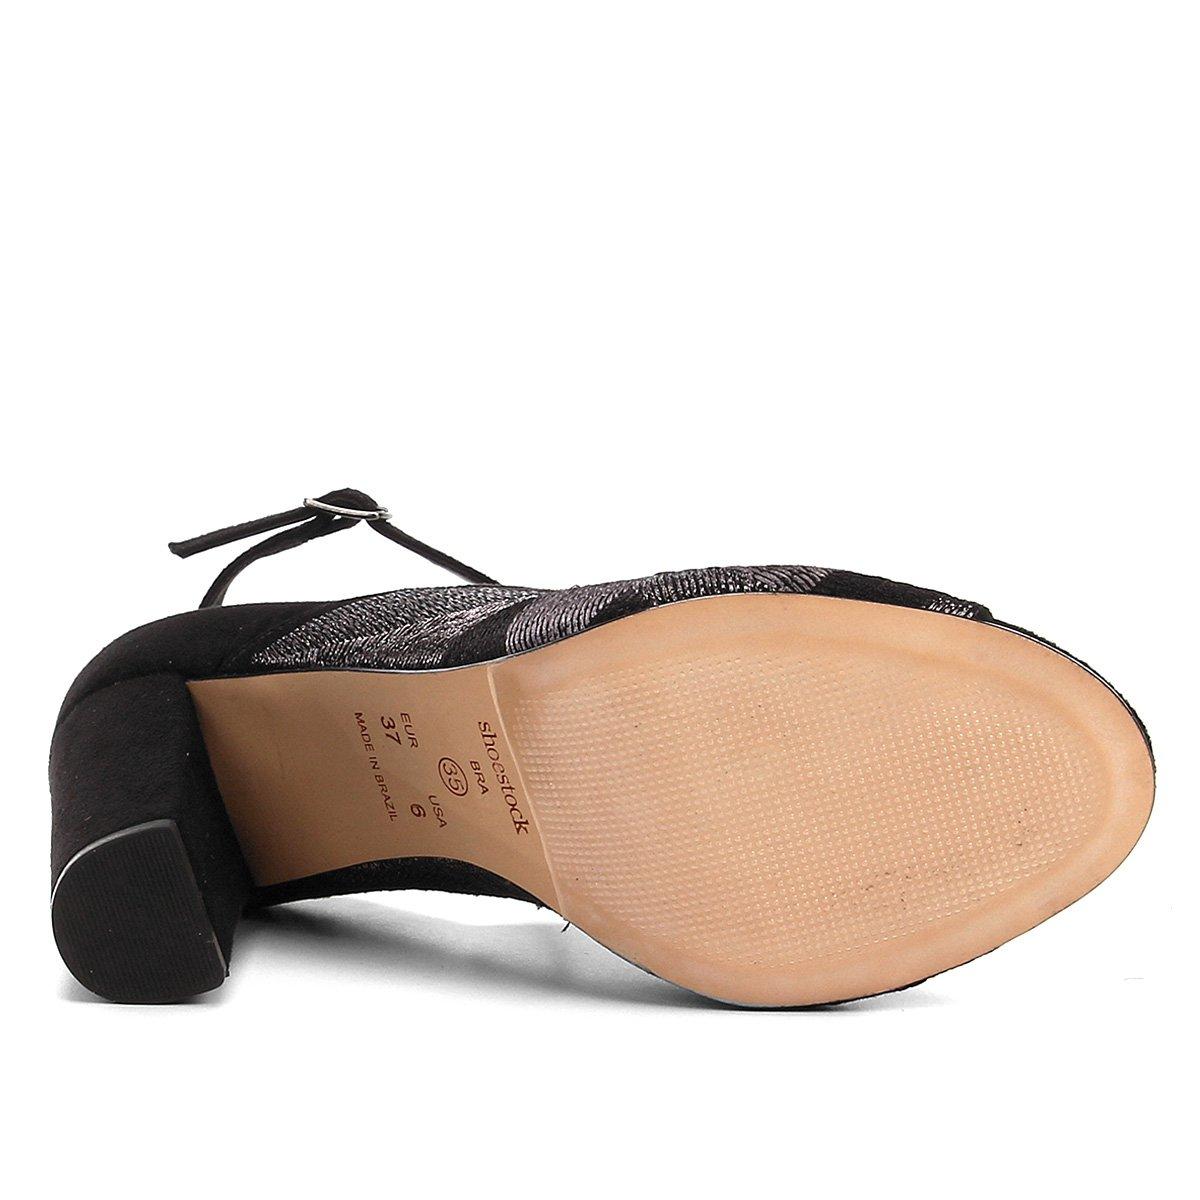 Sandália Shoestock Salto Bloco Bordado Feminina - Preto